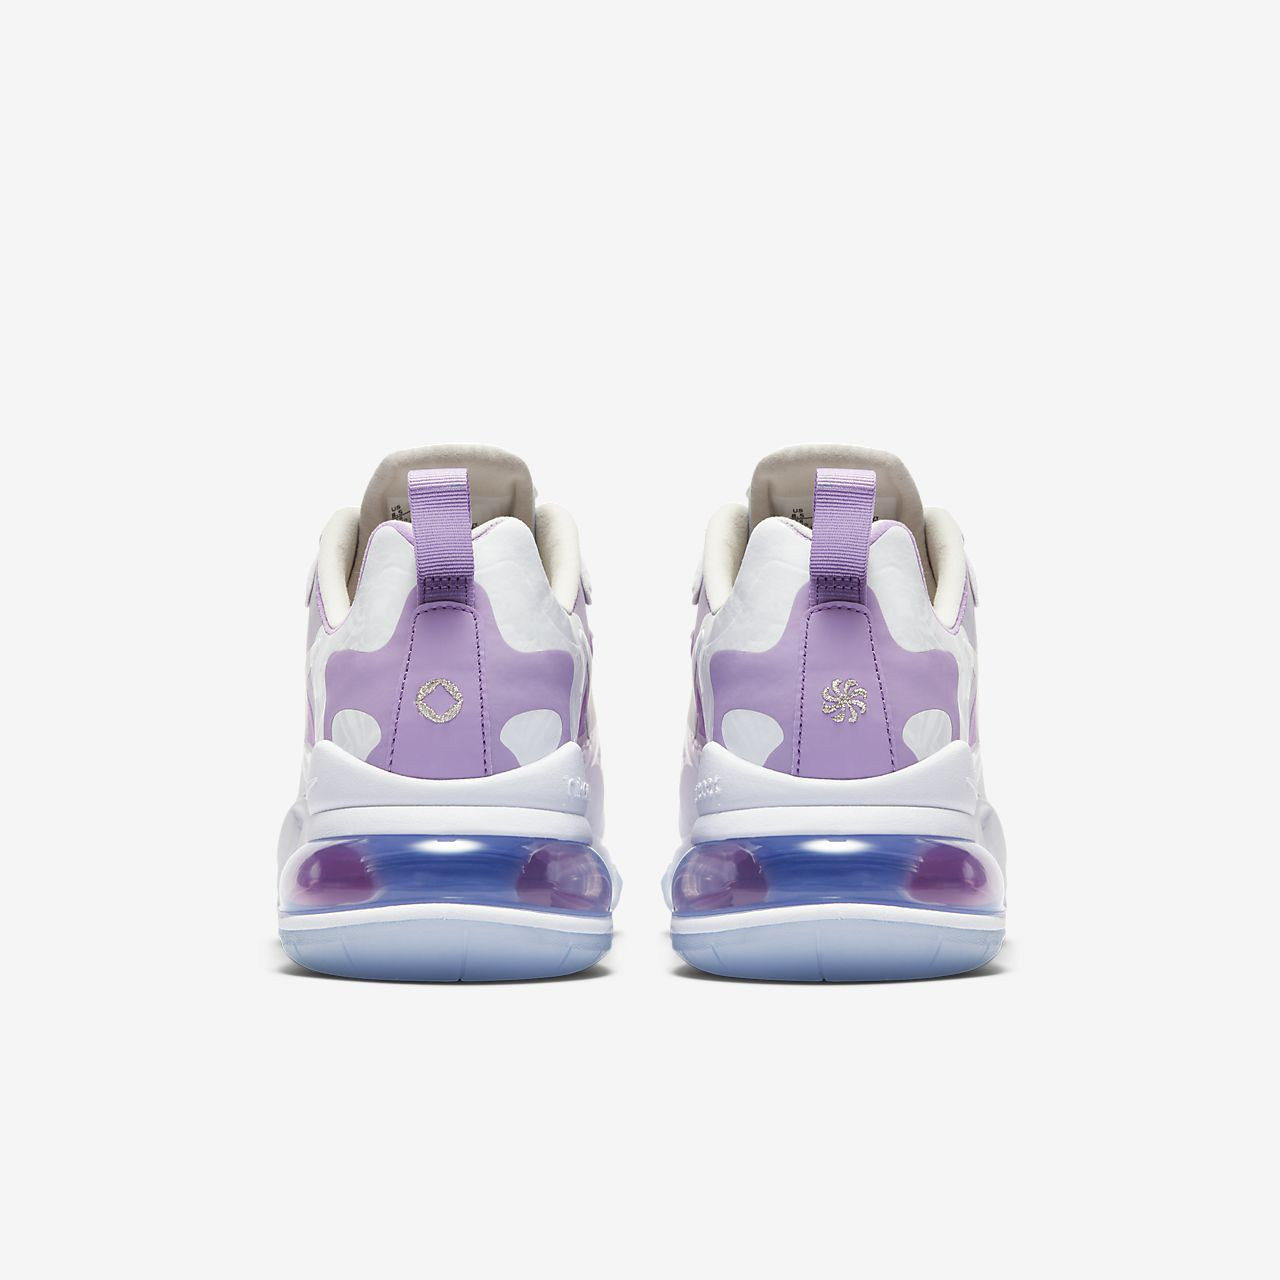 Tenis Nike Air Max 270 Masculino e Feminino Várias Cores